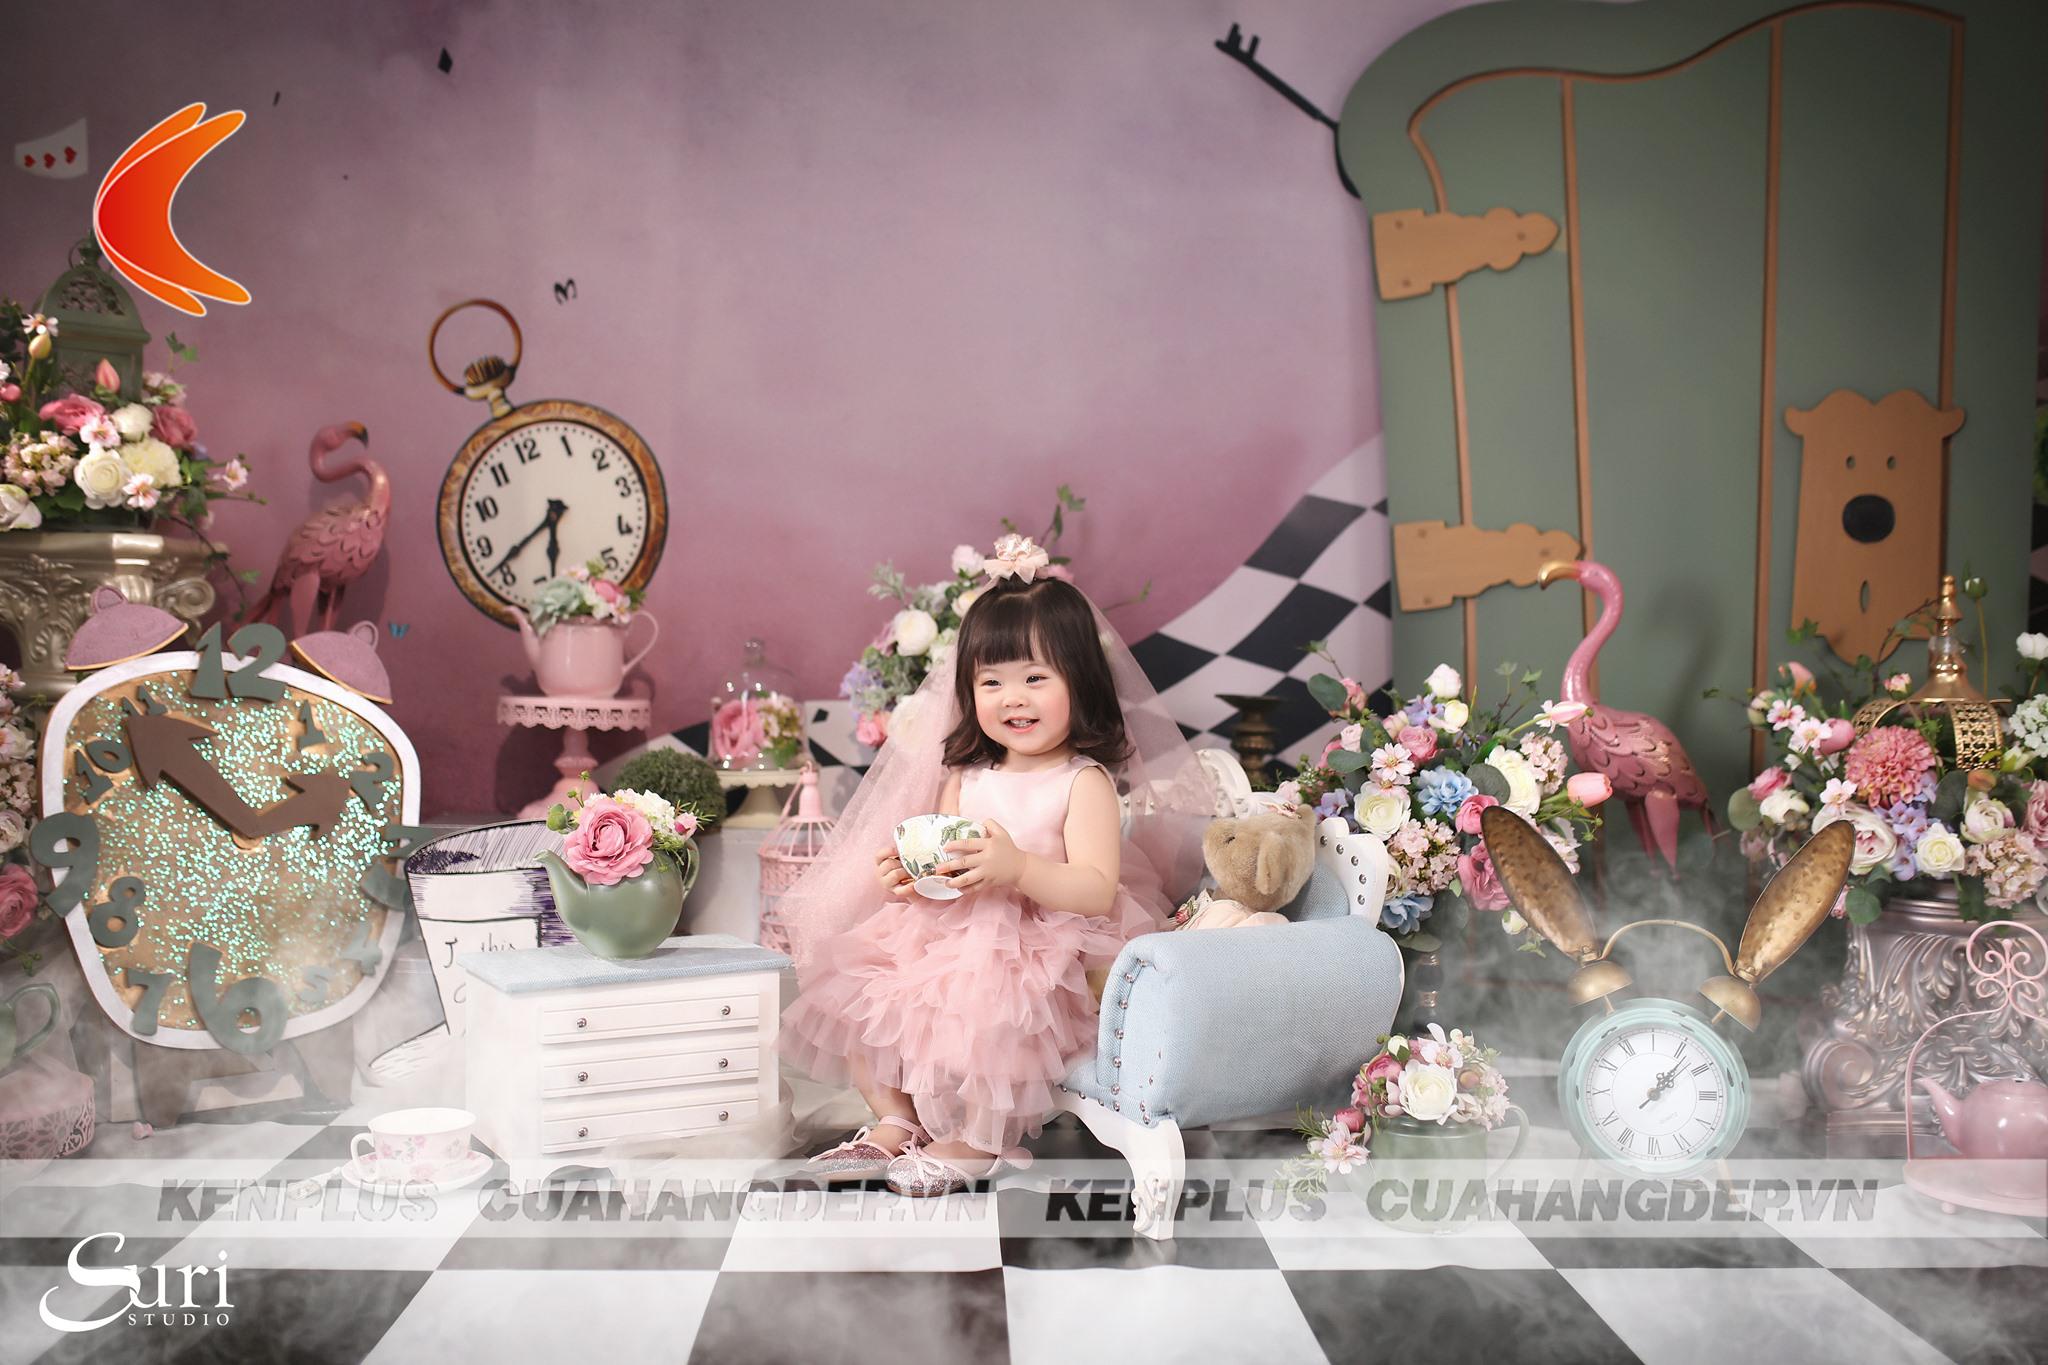 Nhờ thiết kế studio chụp ảnh gia đình và bé chất lượng, khách hàng đến Suri Studio đã có những bức hình vô cùng ưng ý